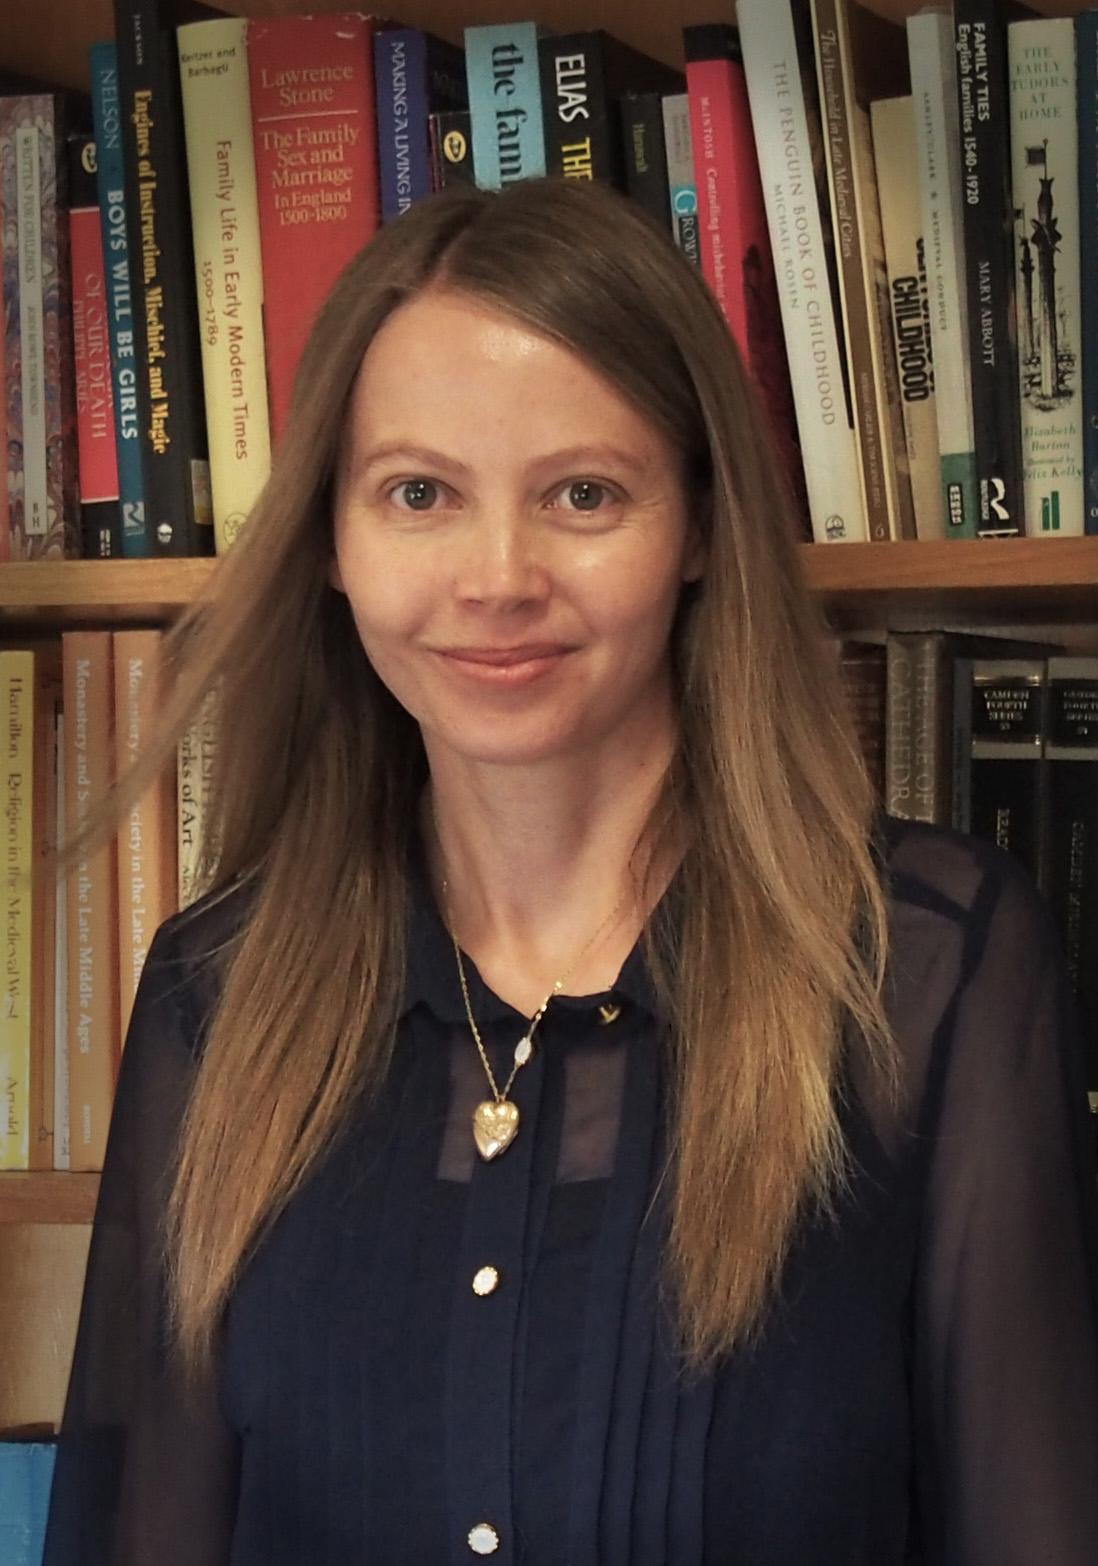 Dr Merridee Bailey